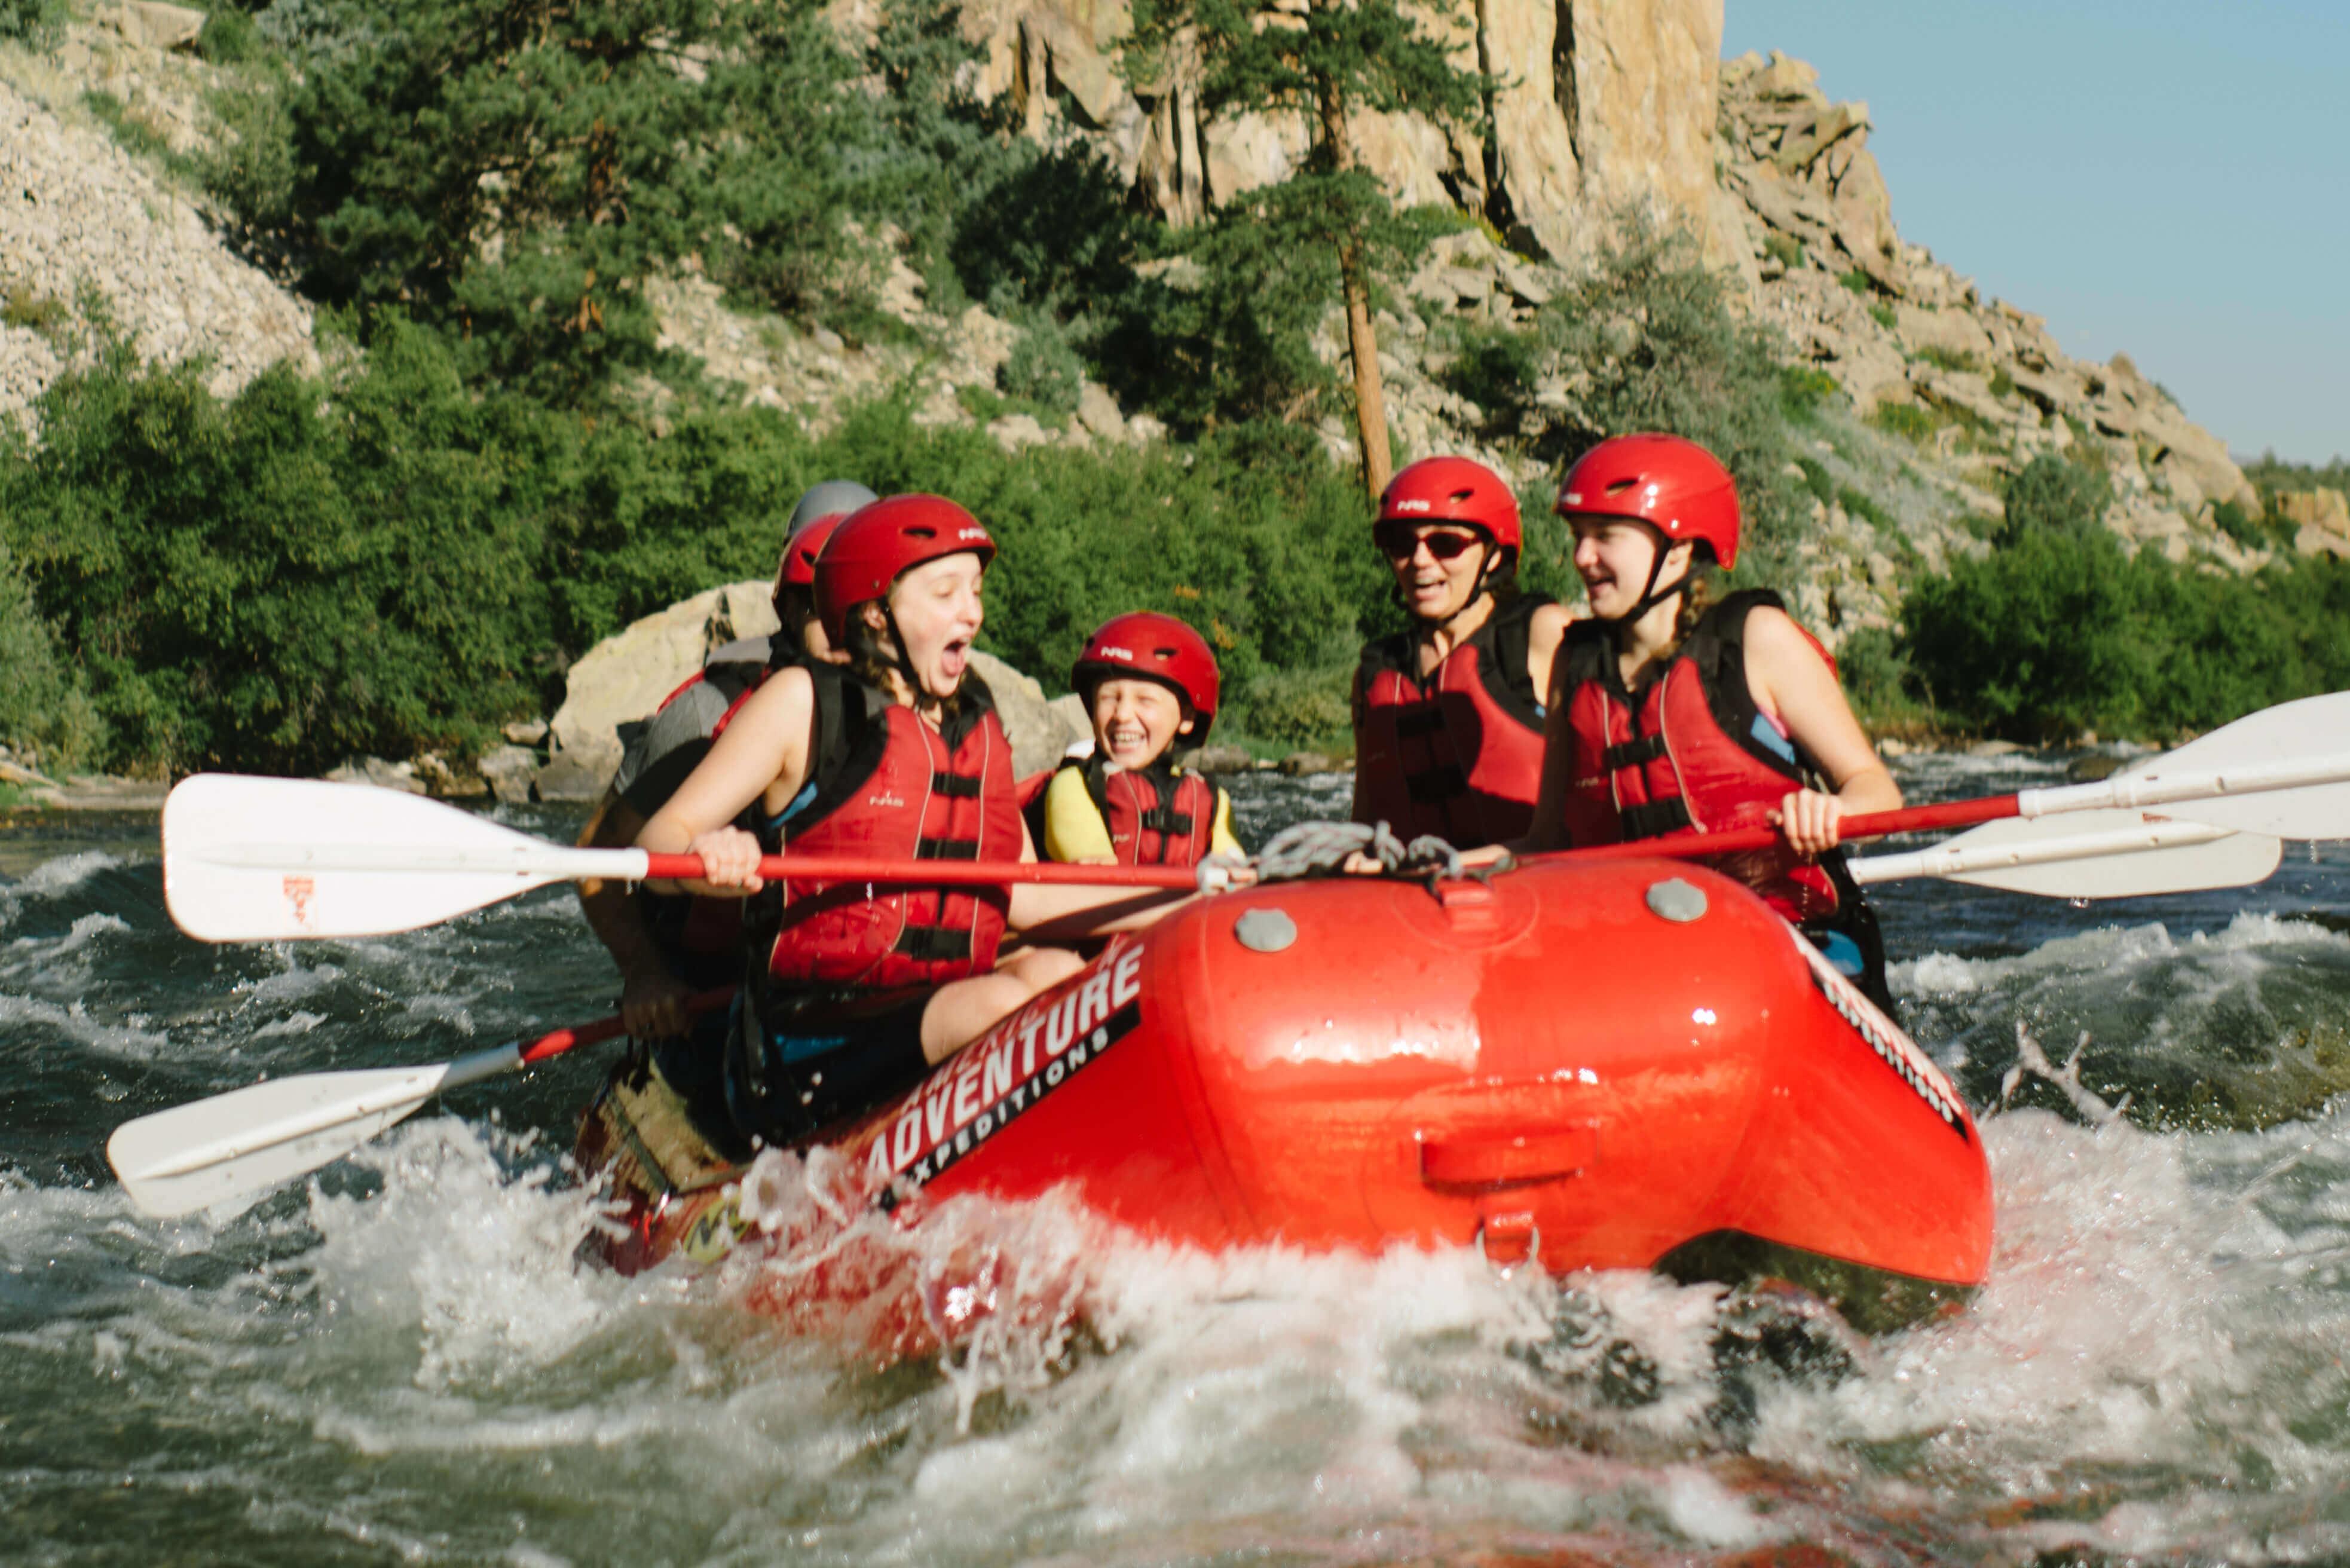 outdoor activities with kids river